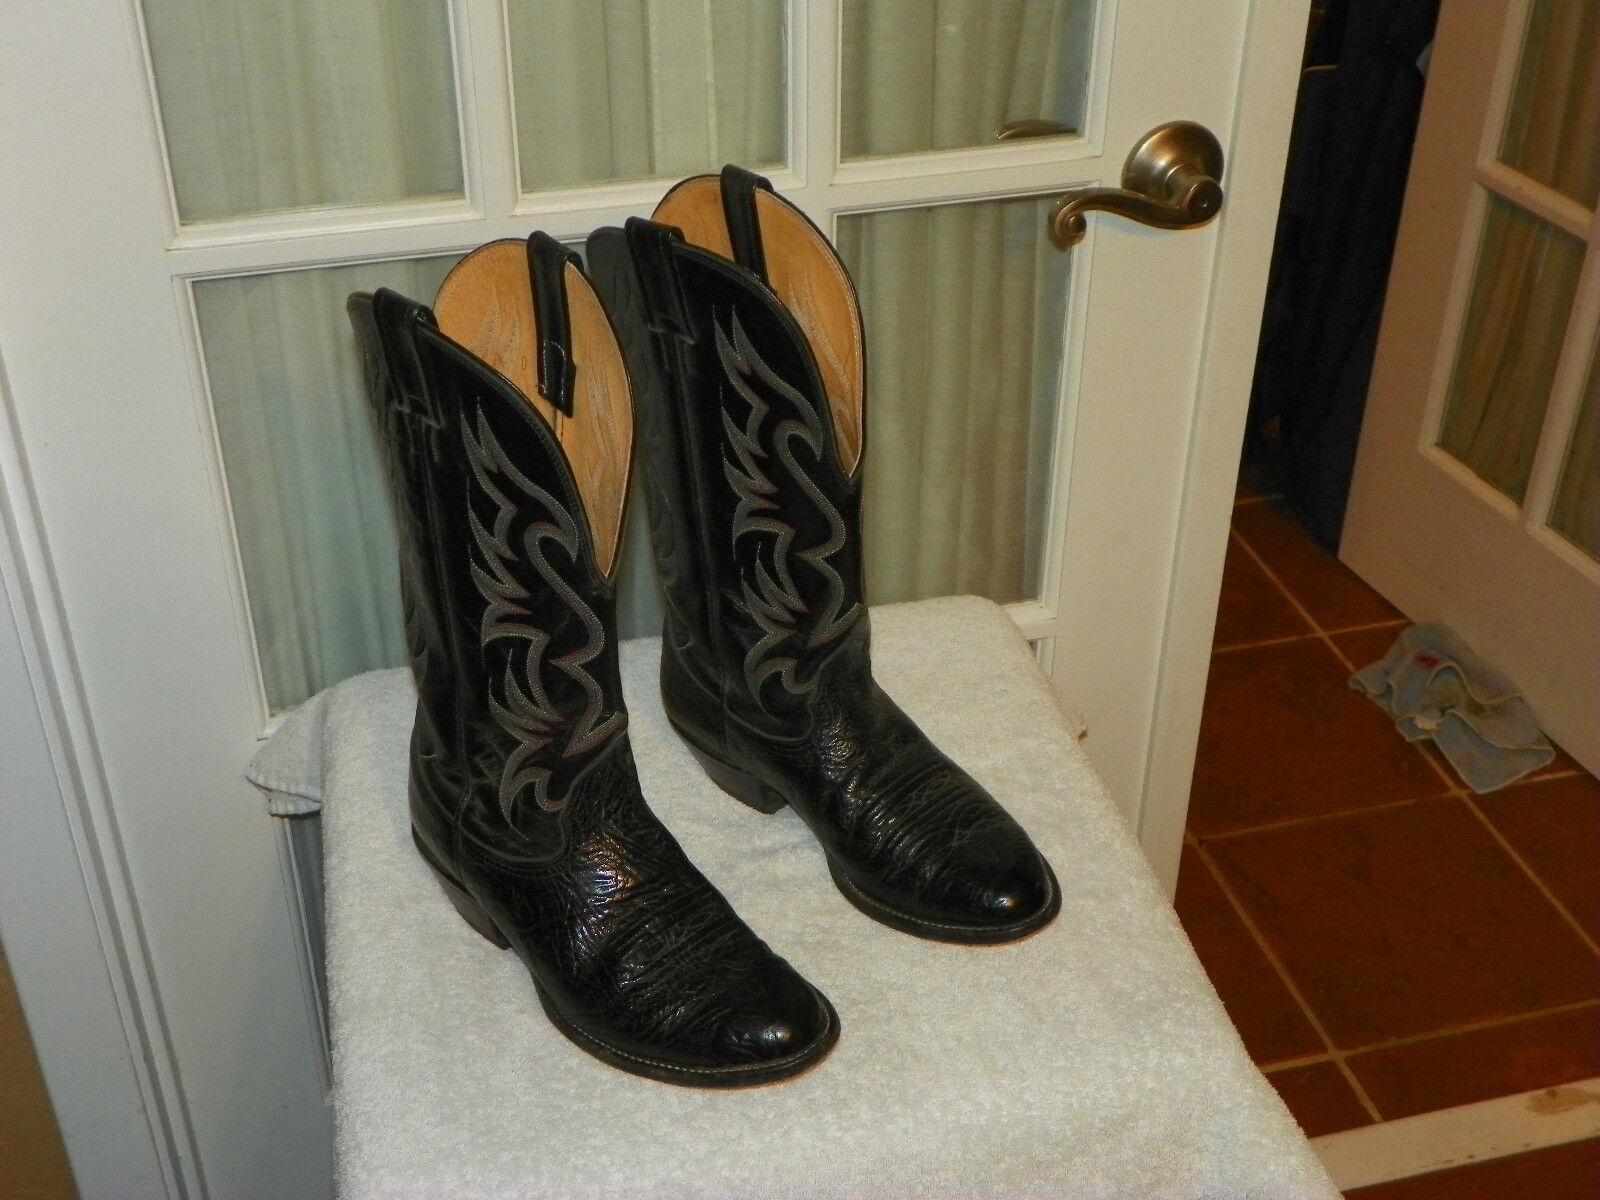 NOCONA para occidental hombres D Bullhide occidental para de cuero negro botas de vaquero hecho en EE. UU. 070c90